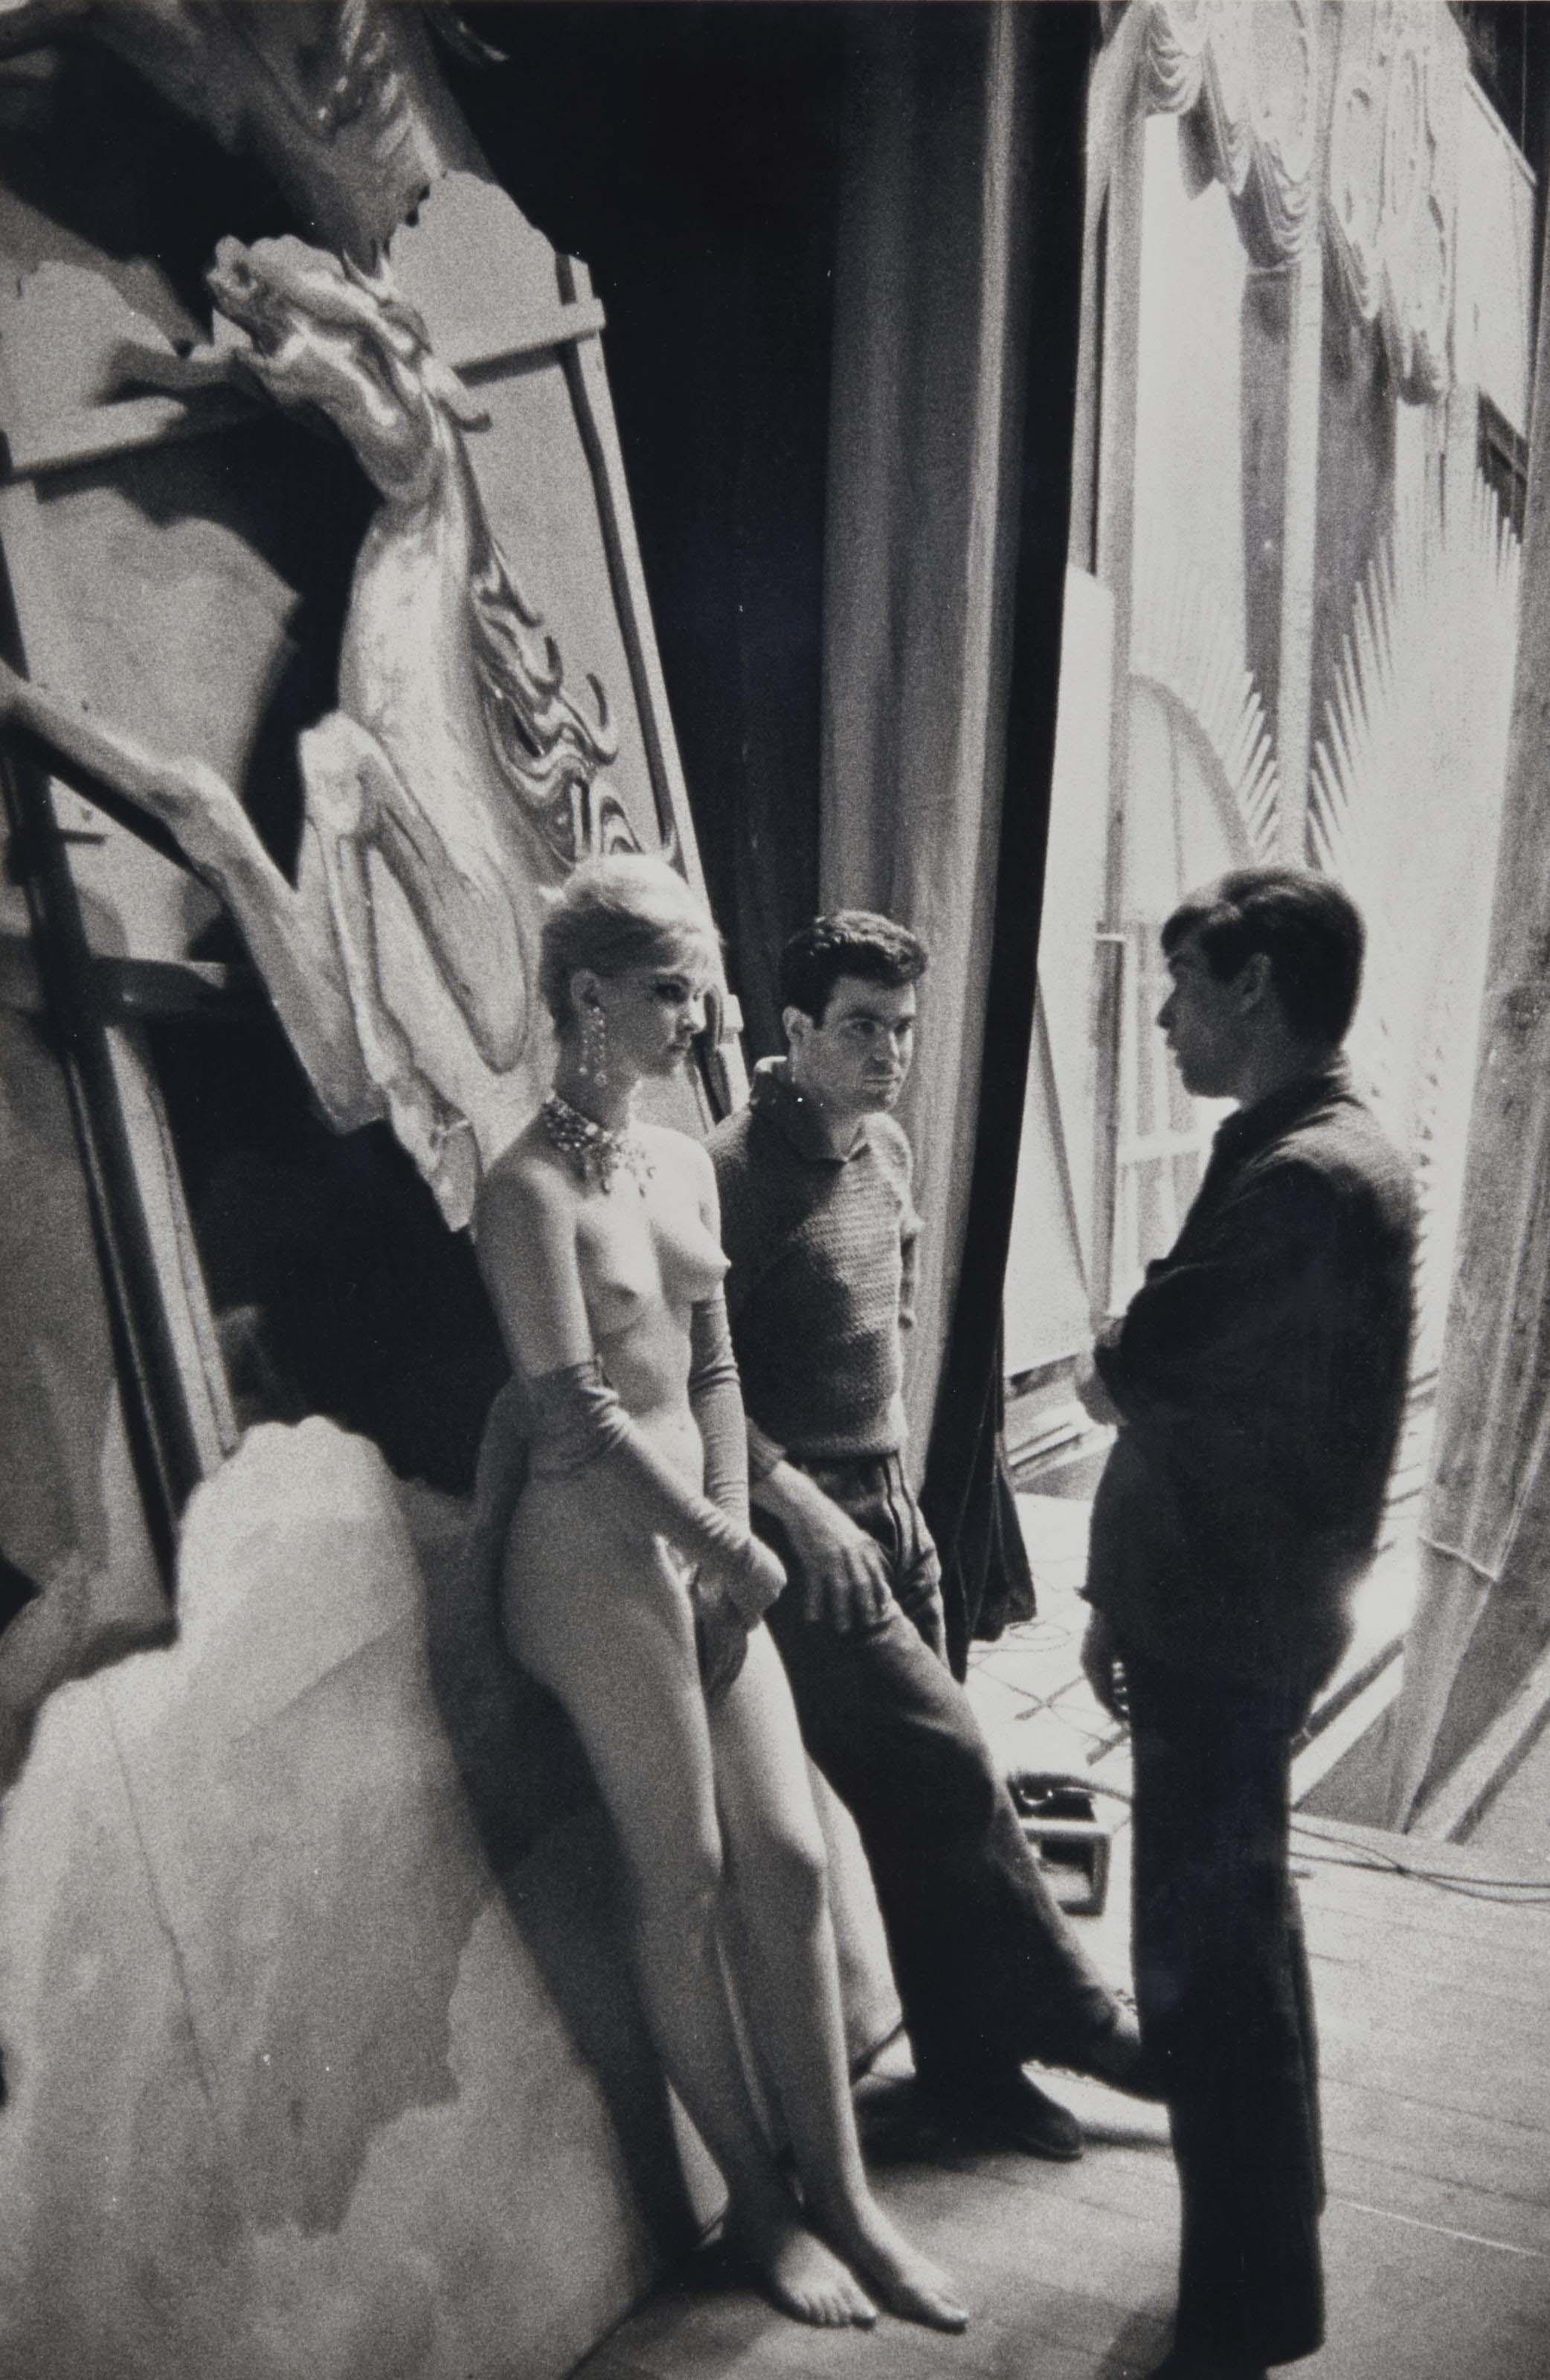 Les coulisses des Folies Bergères, Paris, 1980